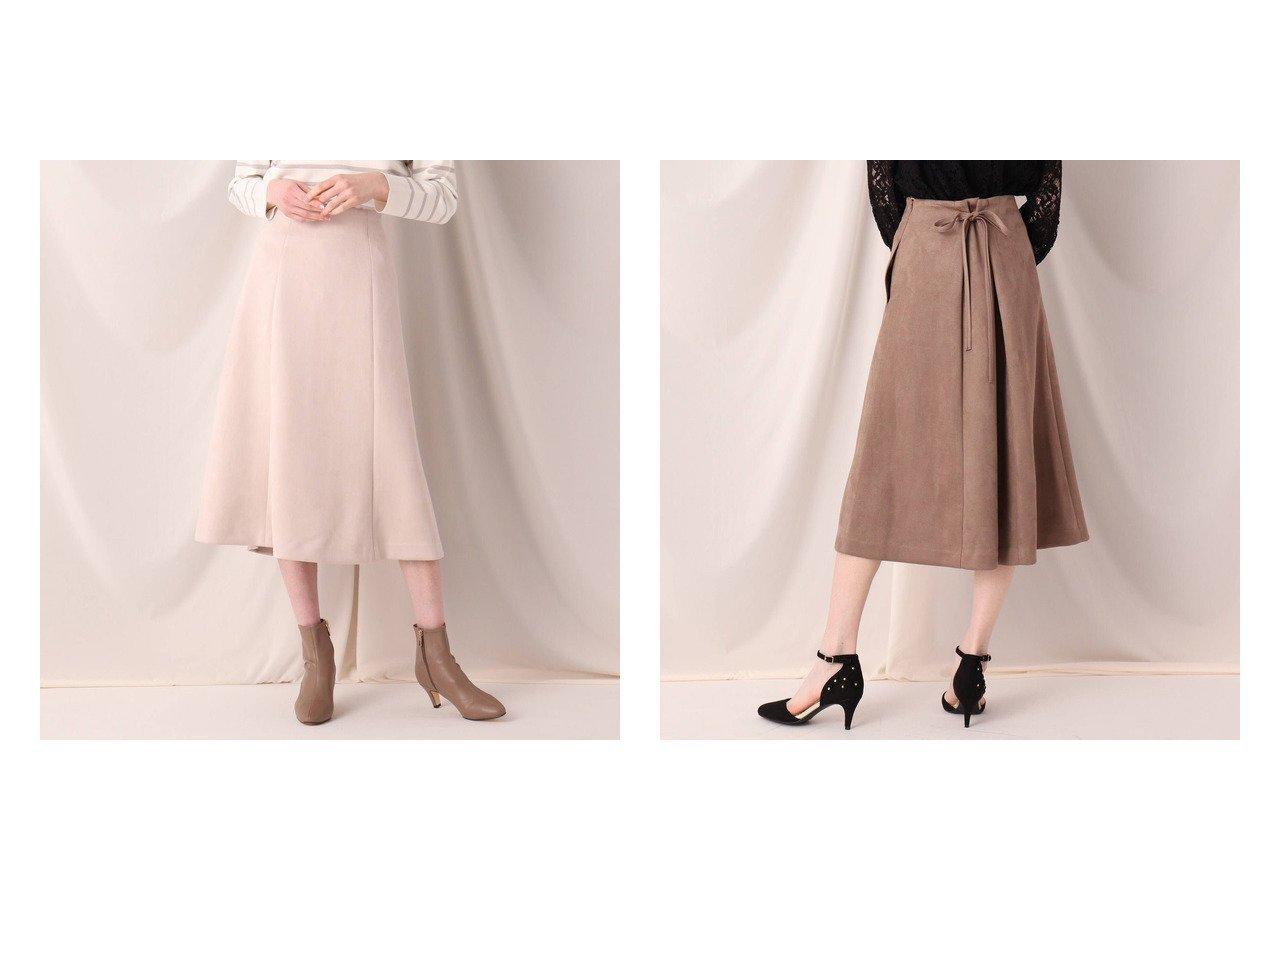 【Couture Brooch/クチュール ブローチ】のフェイクスエードサス付きスカート Couture Broochのおすすめ!人気、トレンド・レディースファッションの通販 おすすめで人気の流行・トレンド、ファッションの通販商品 メンズファッション・キッズファッション・インテリア・家具・レディースファッション・服の通販 founy(ファニー) https://founy.com/ ファッション Fashion レディースファッション WOMEN スカート Skirt 2020年 2020 2020-2021 秋冬 A/W AW Autumn/Winter / FW Fall-Winter 2020-2021 A/W 秋冬 AW Autumn/Winter / FW Fall-Winter サスペンダー スウェード フェイクスウェード フェミニン ポケット マーメイド リボン |ID:crp329100000018071